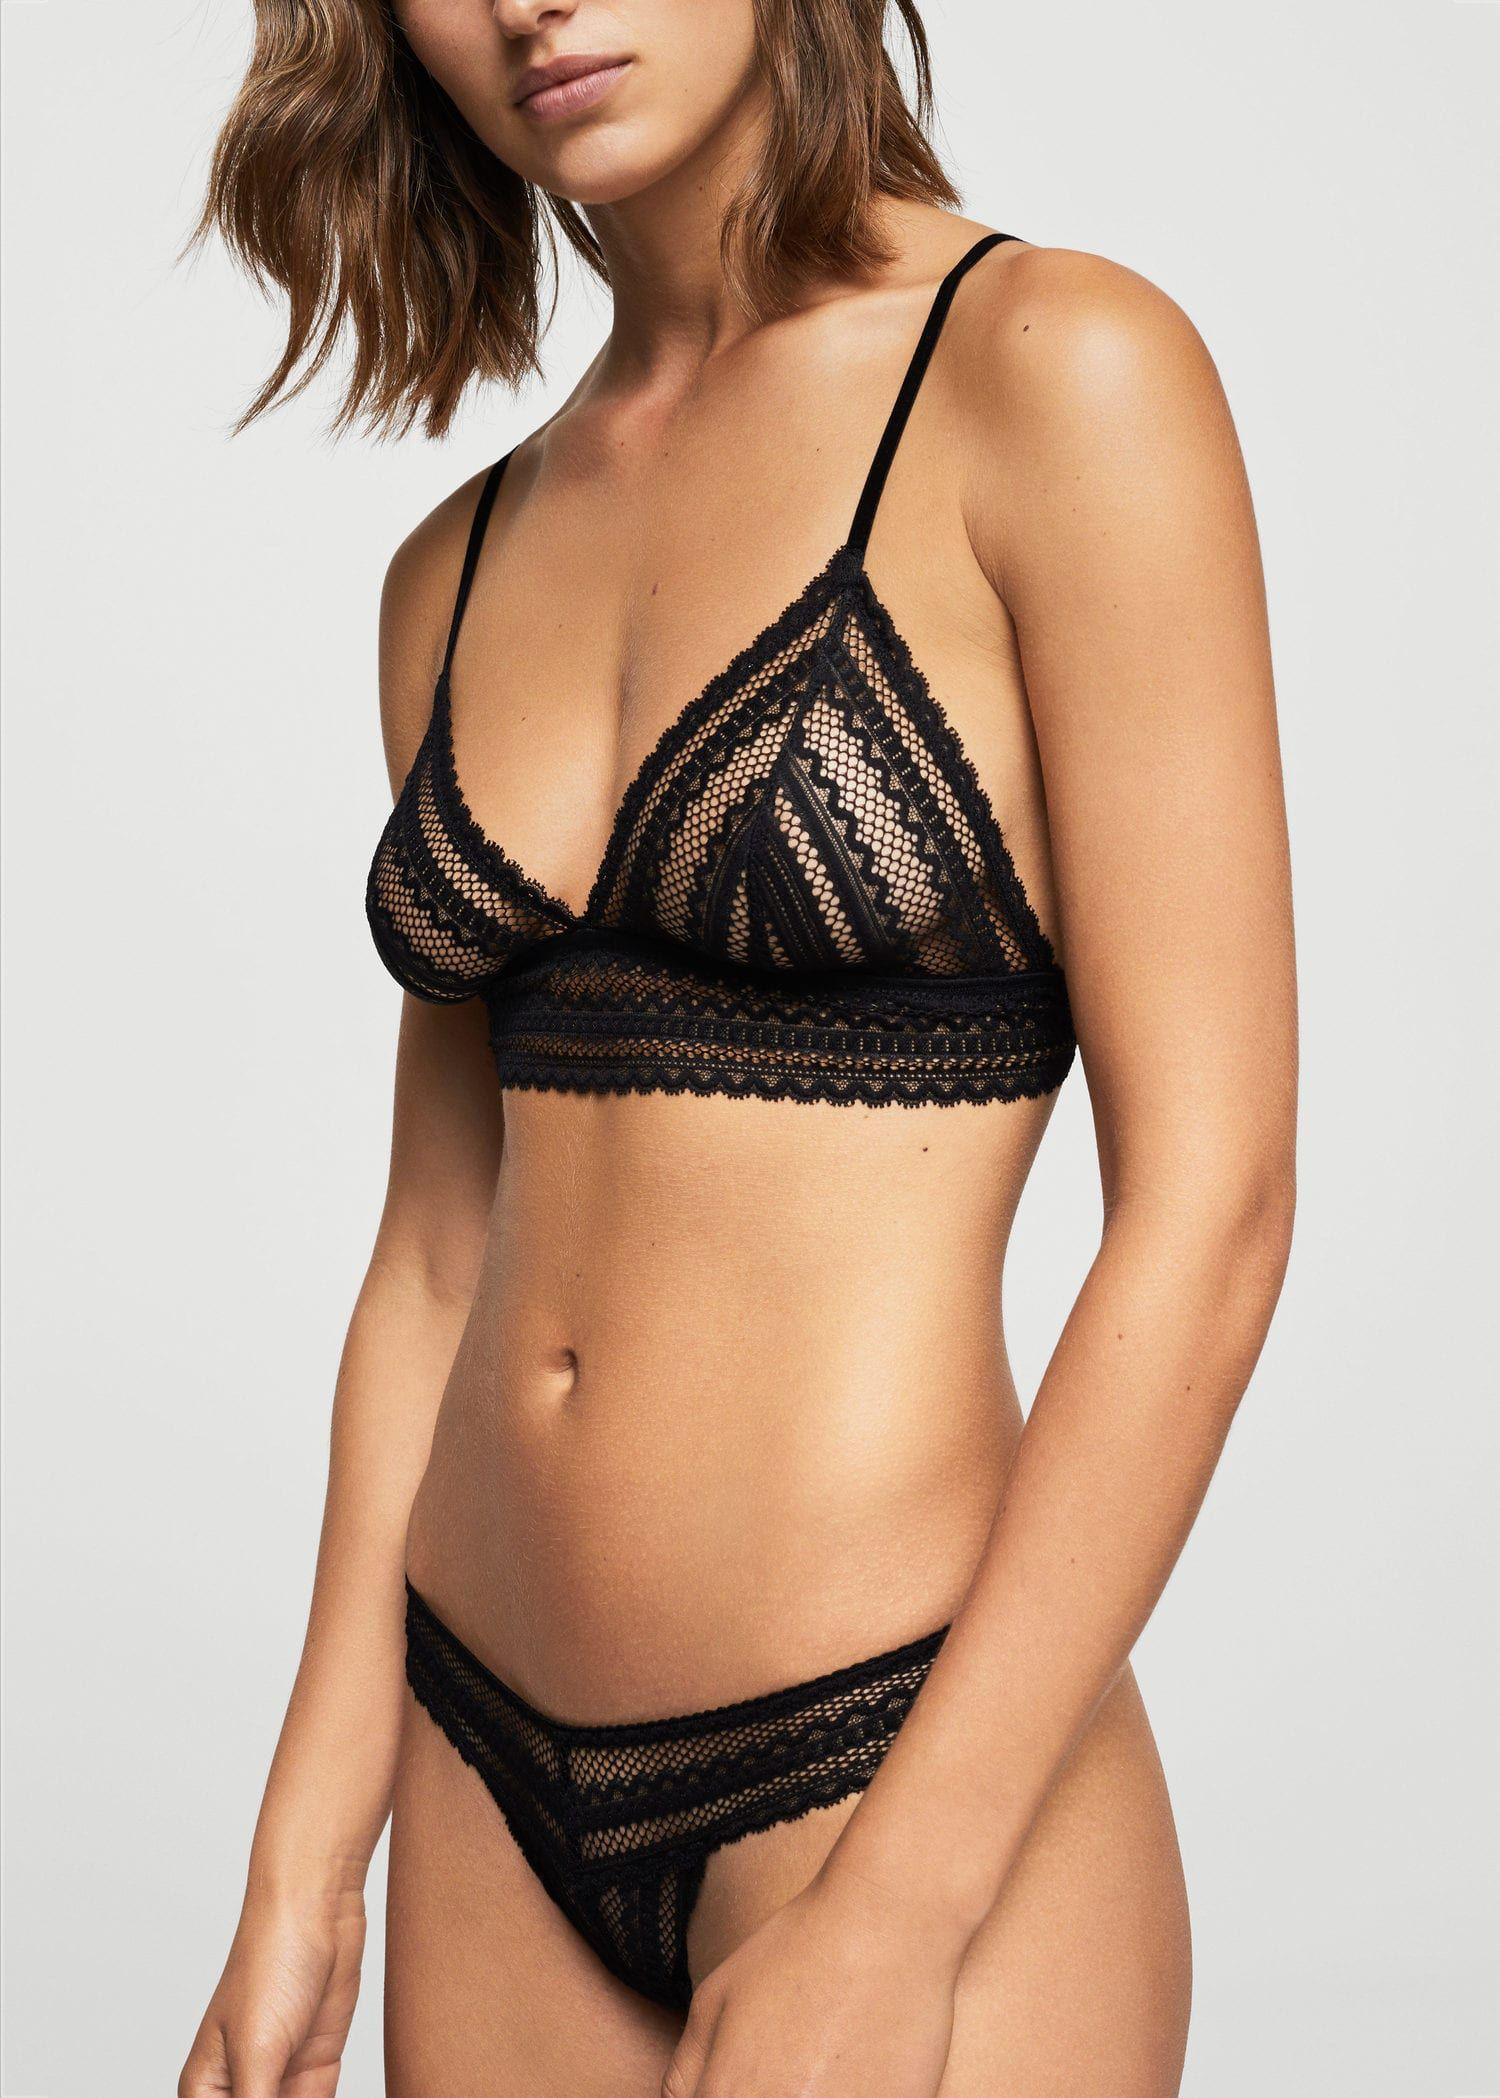 très loué de style élégant style unique Soutien-gorge triangle dentelle - Femme in 2019 | Fashion ...